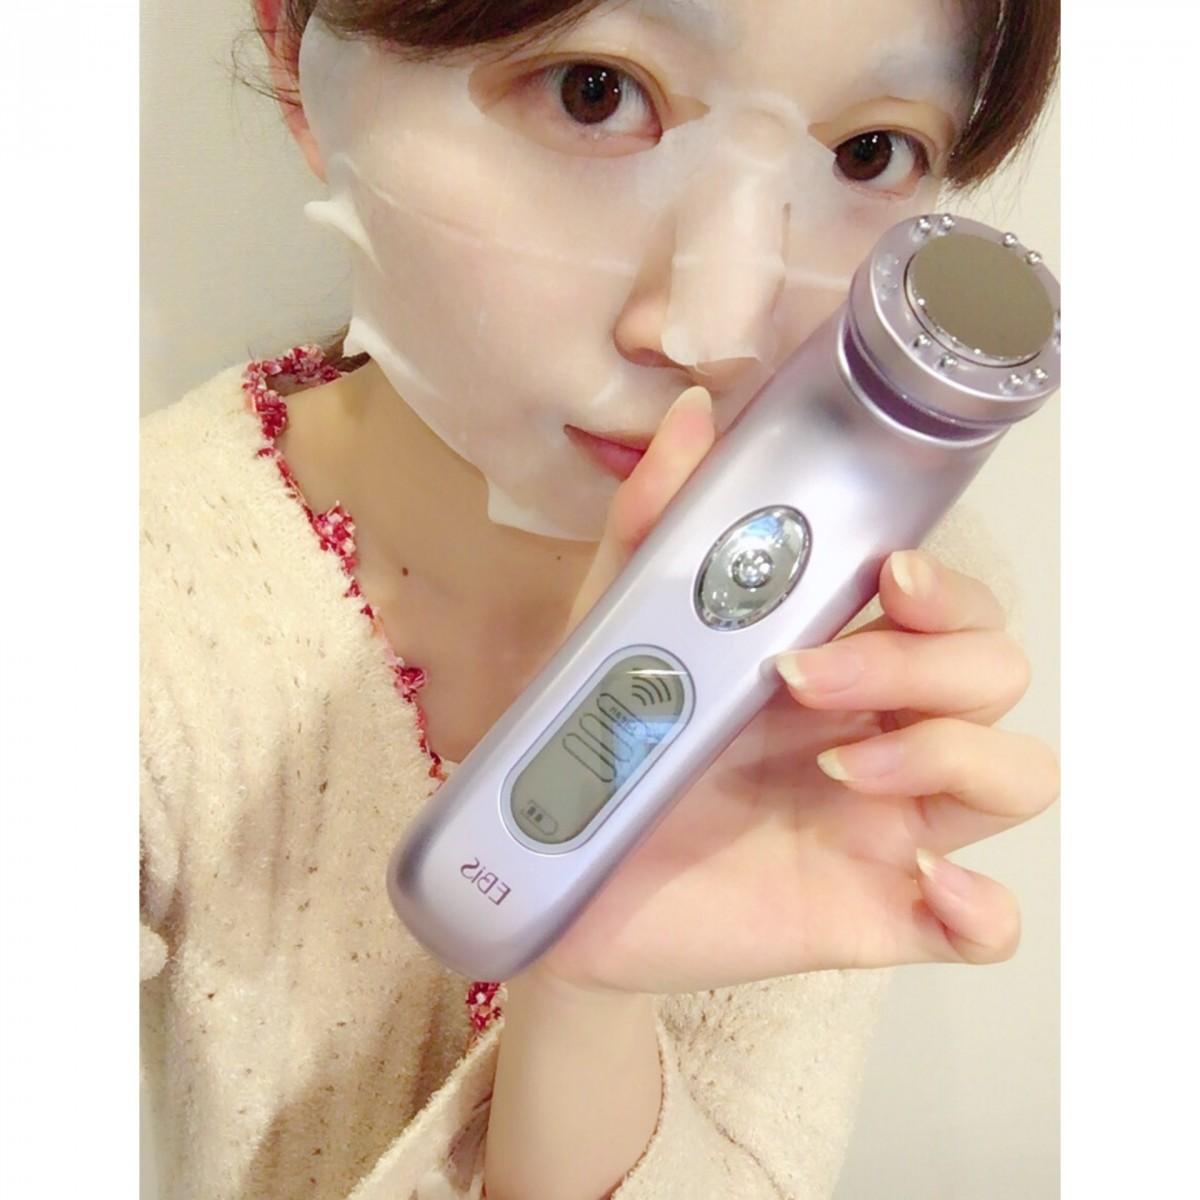 保湿をさらに強化♡プチプラパックでもしっかりと保湿されちゃう!その訳はEBiSの美顔器にあるんです!